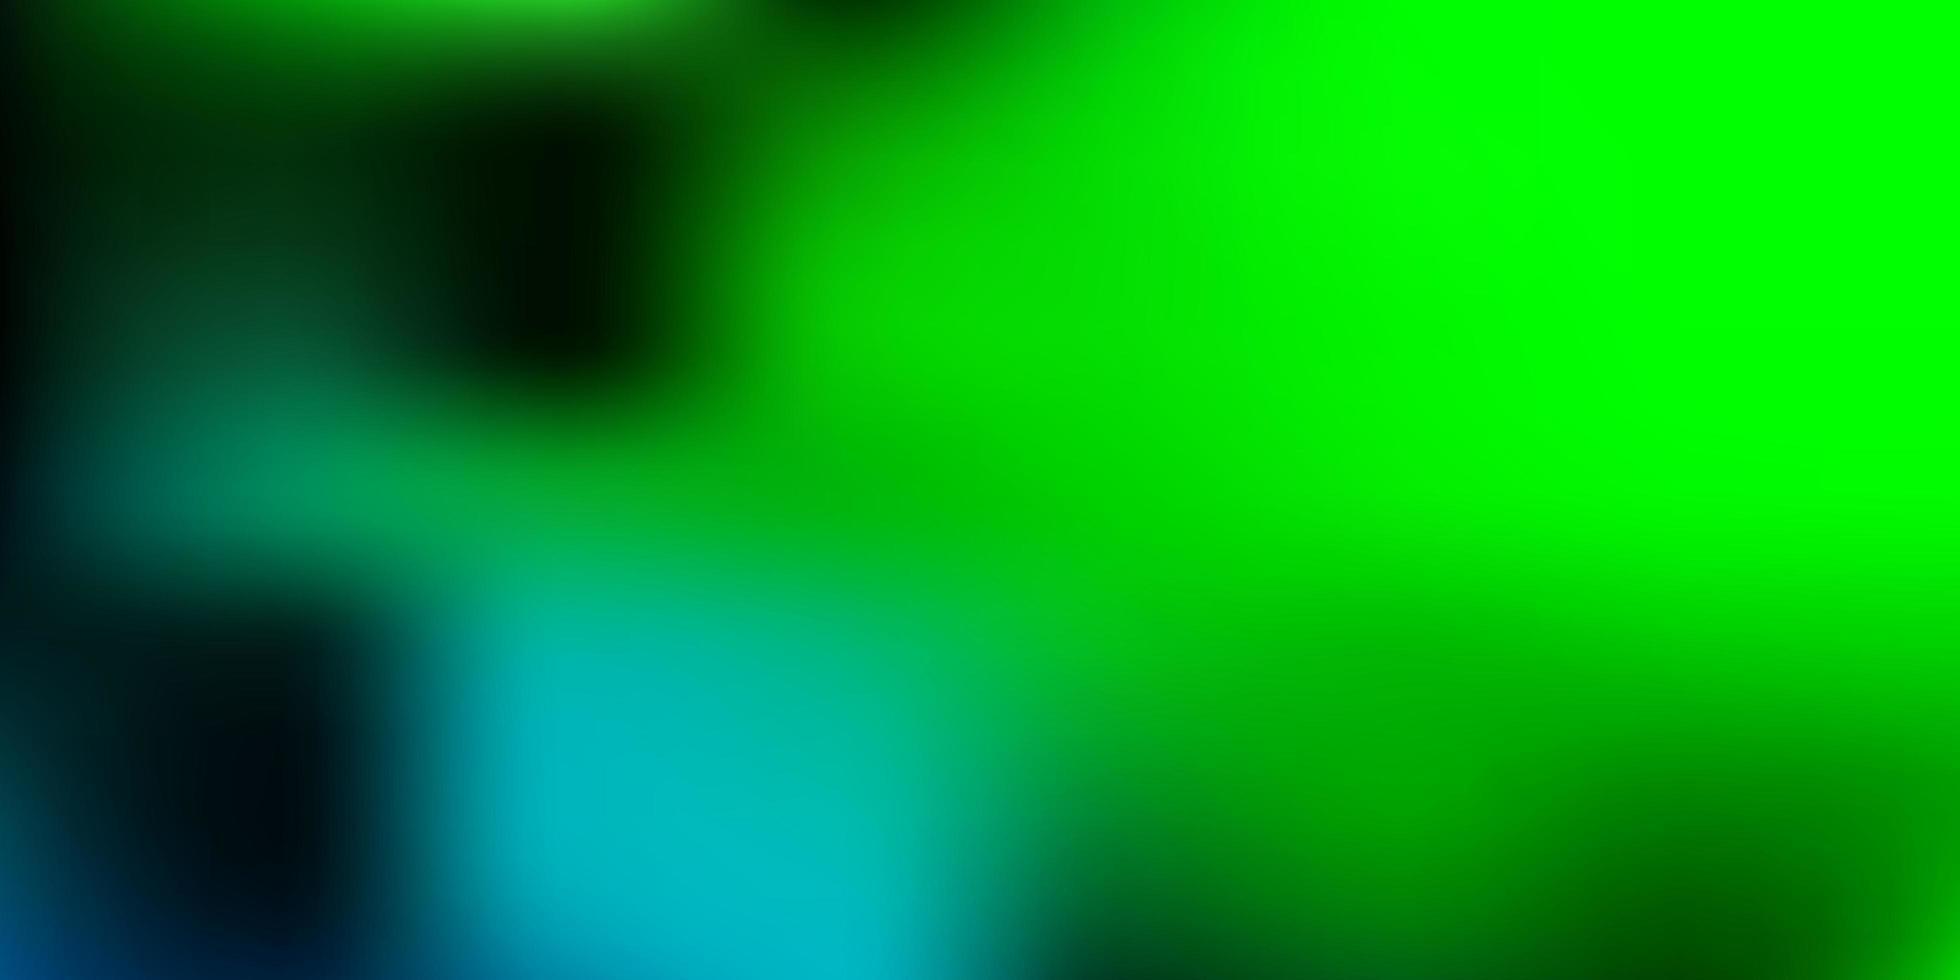 ljusblå, grön vektor suddig layout.